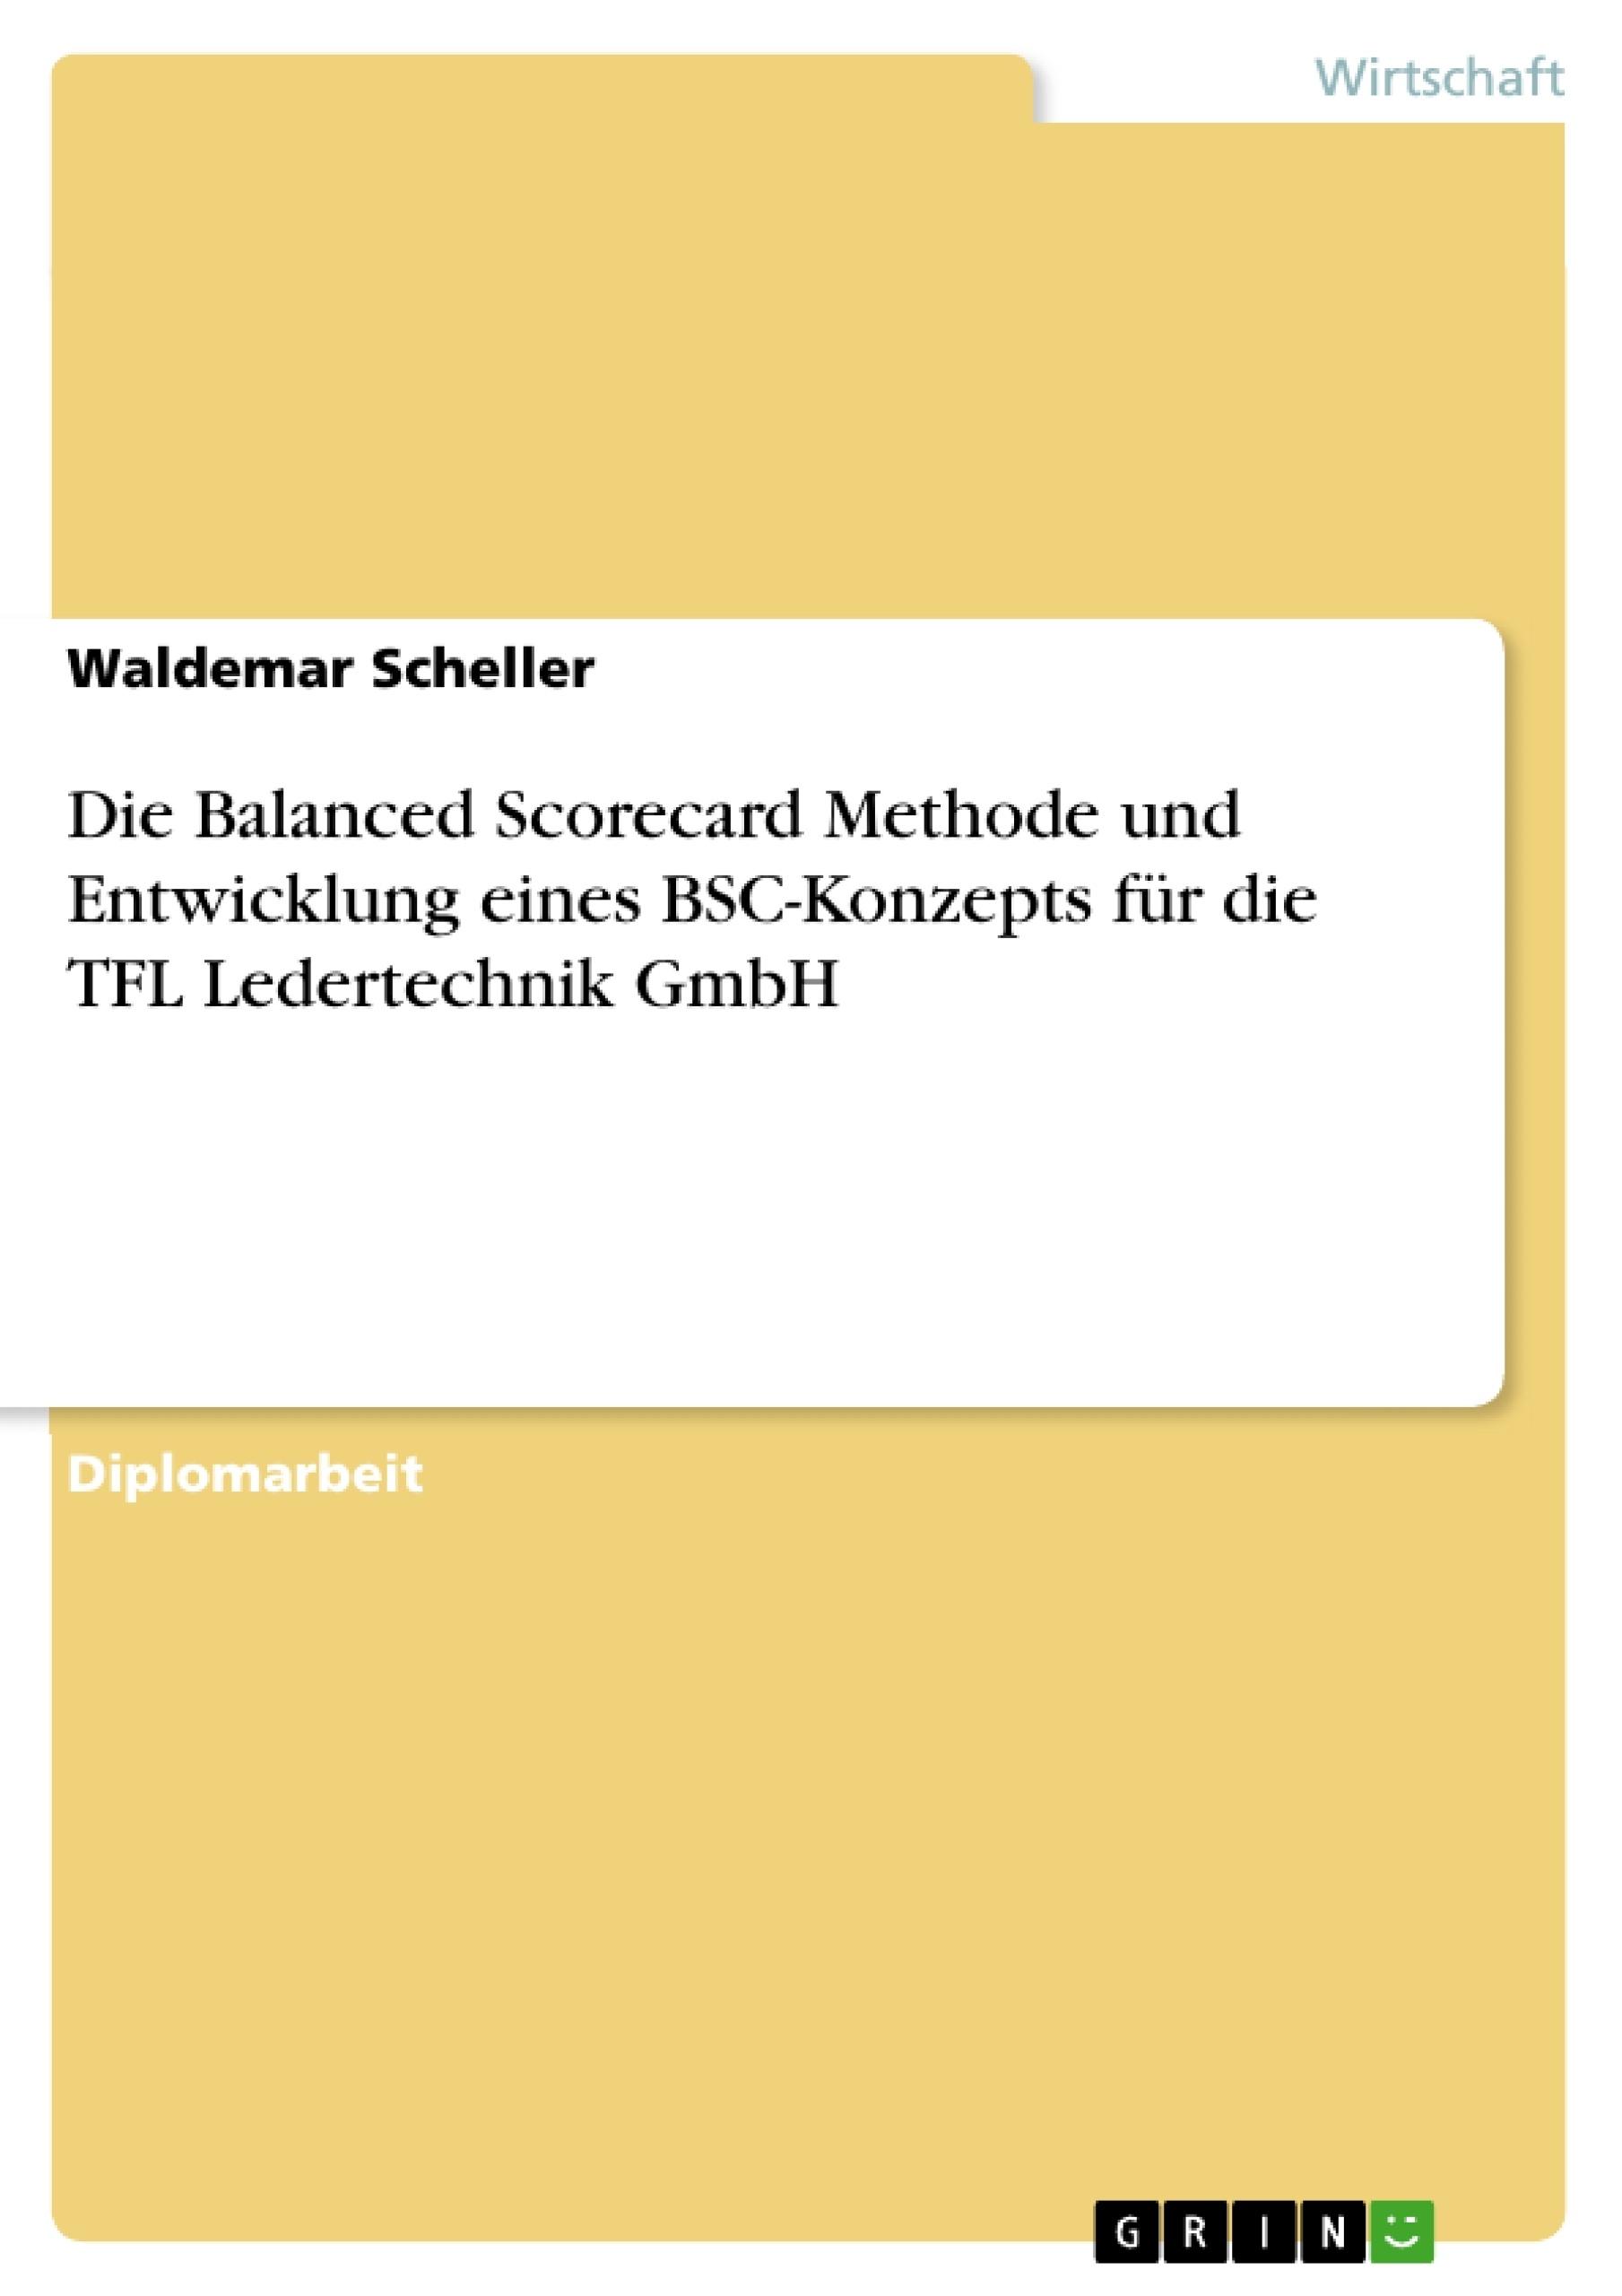 Titel: Die Balanced Scorecard Methode und Entwicklung eines BSC-Konzepts für die TFL Ledertechnik GmbH